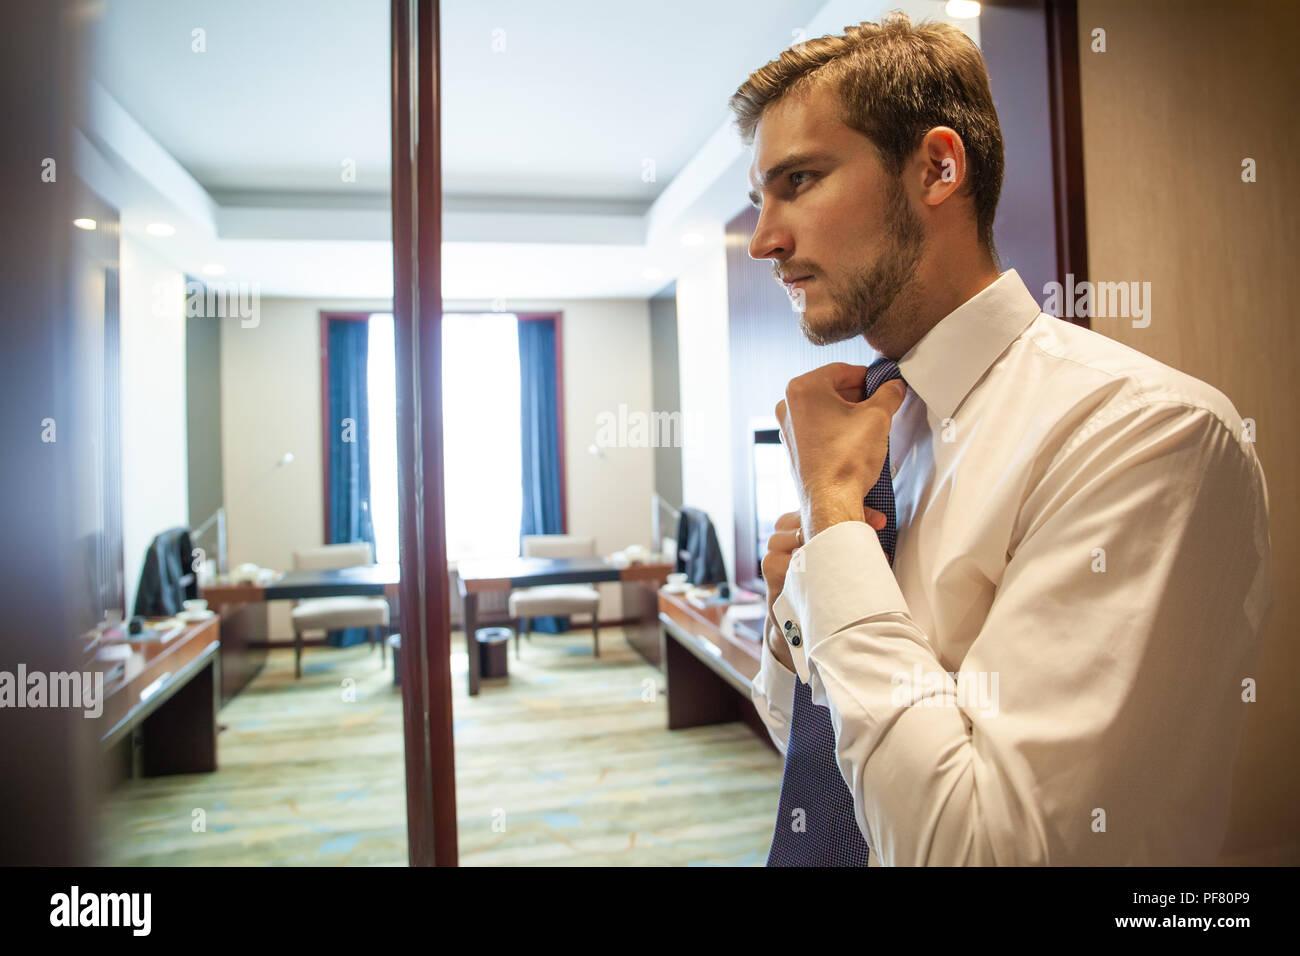 Persone, Business,moda e abbigliamento concetto - close up Uomo in camicia vestirsi e regolazione del tirante sul collo a casa. Immagini Stock